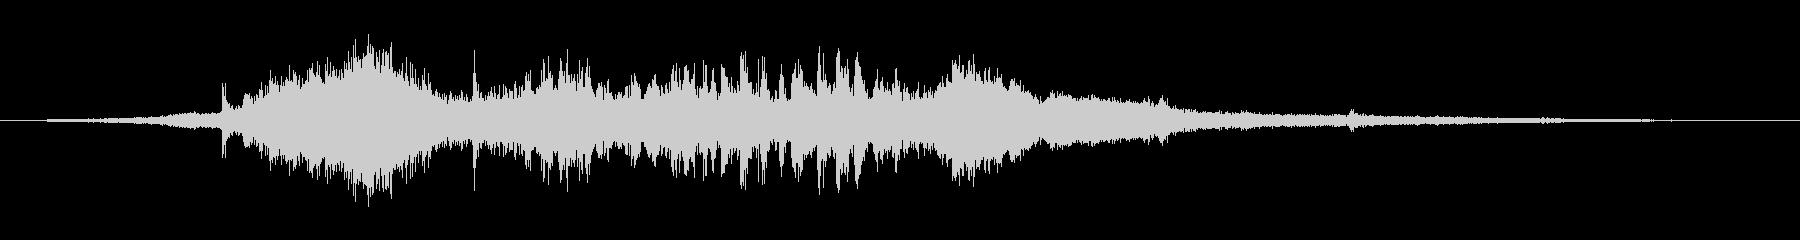 【環境音】SLの通過音(秩父鉄道)の未再生の波形